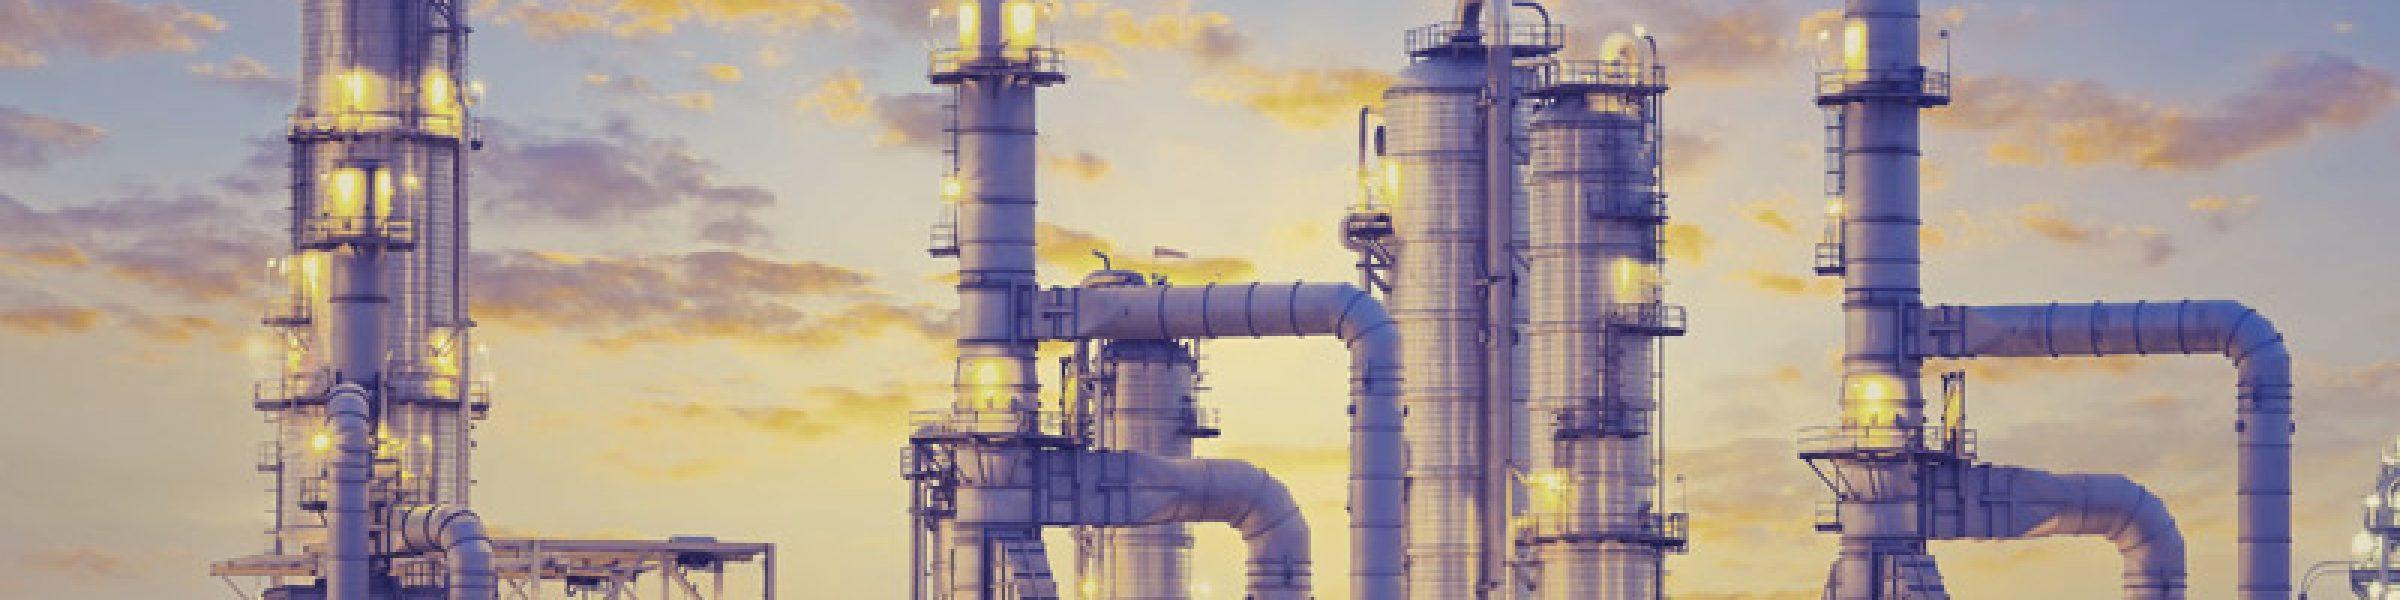 Refinery_1_0